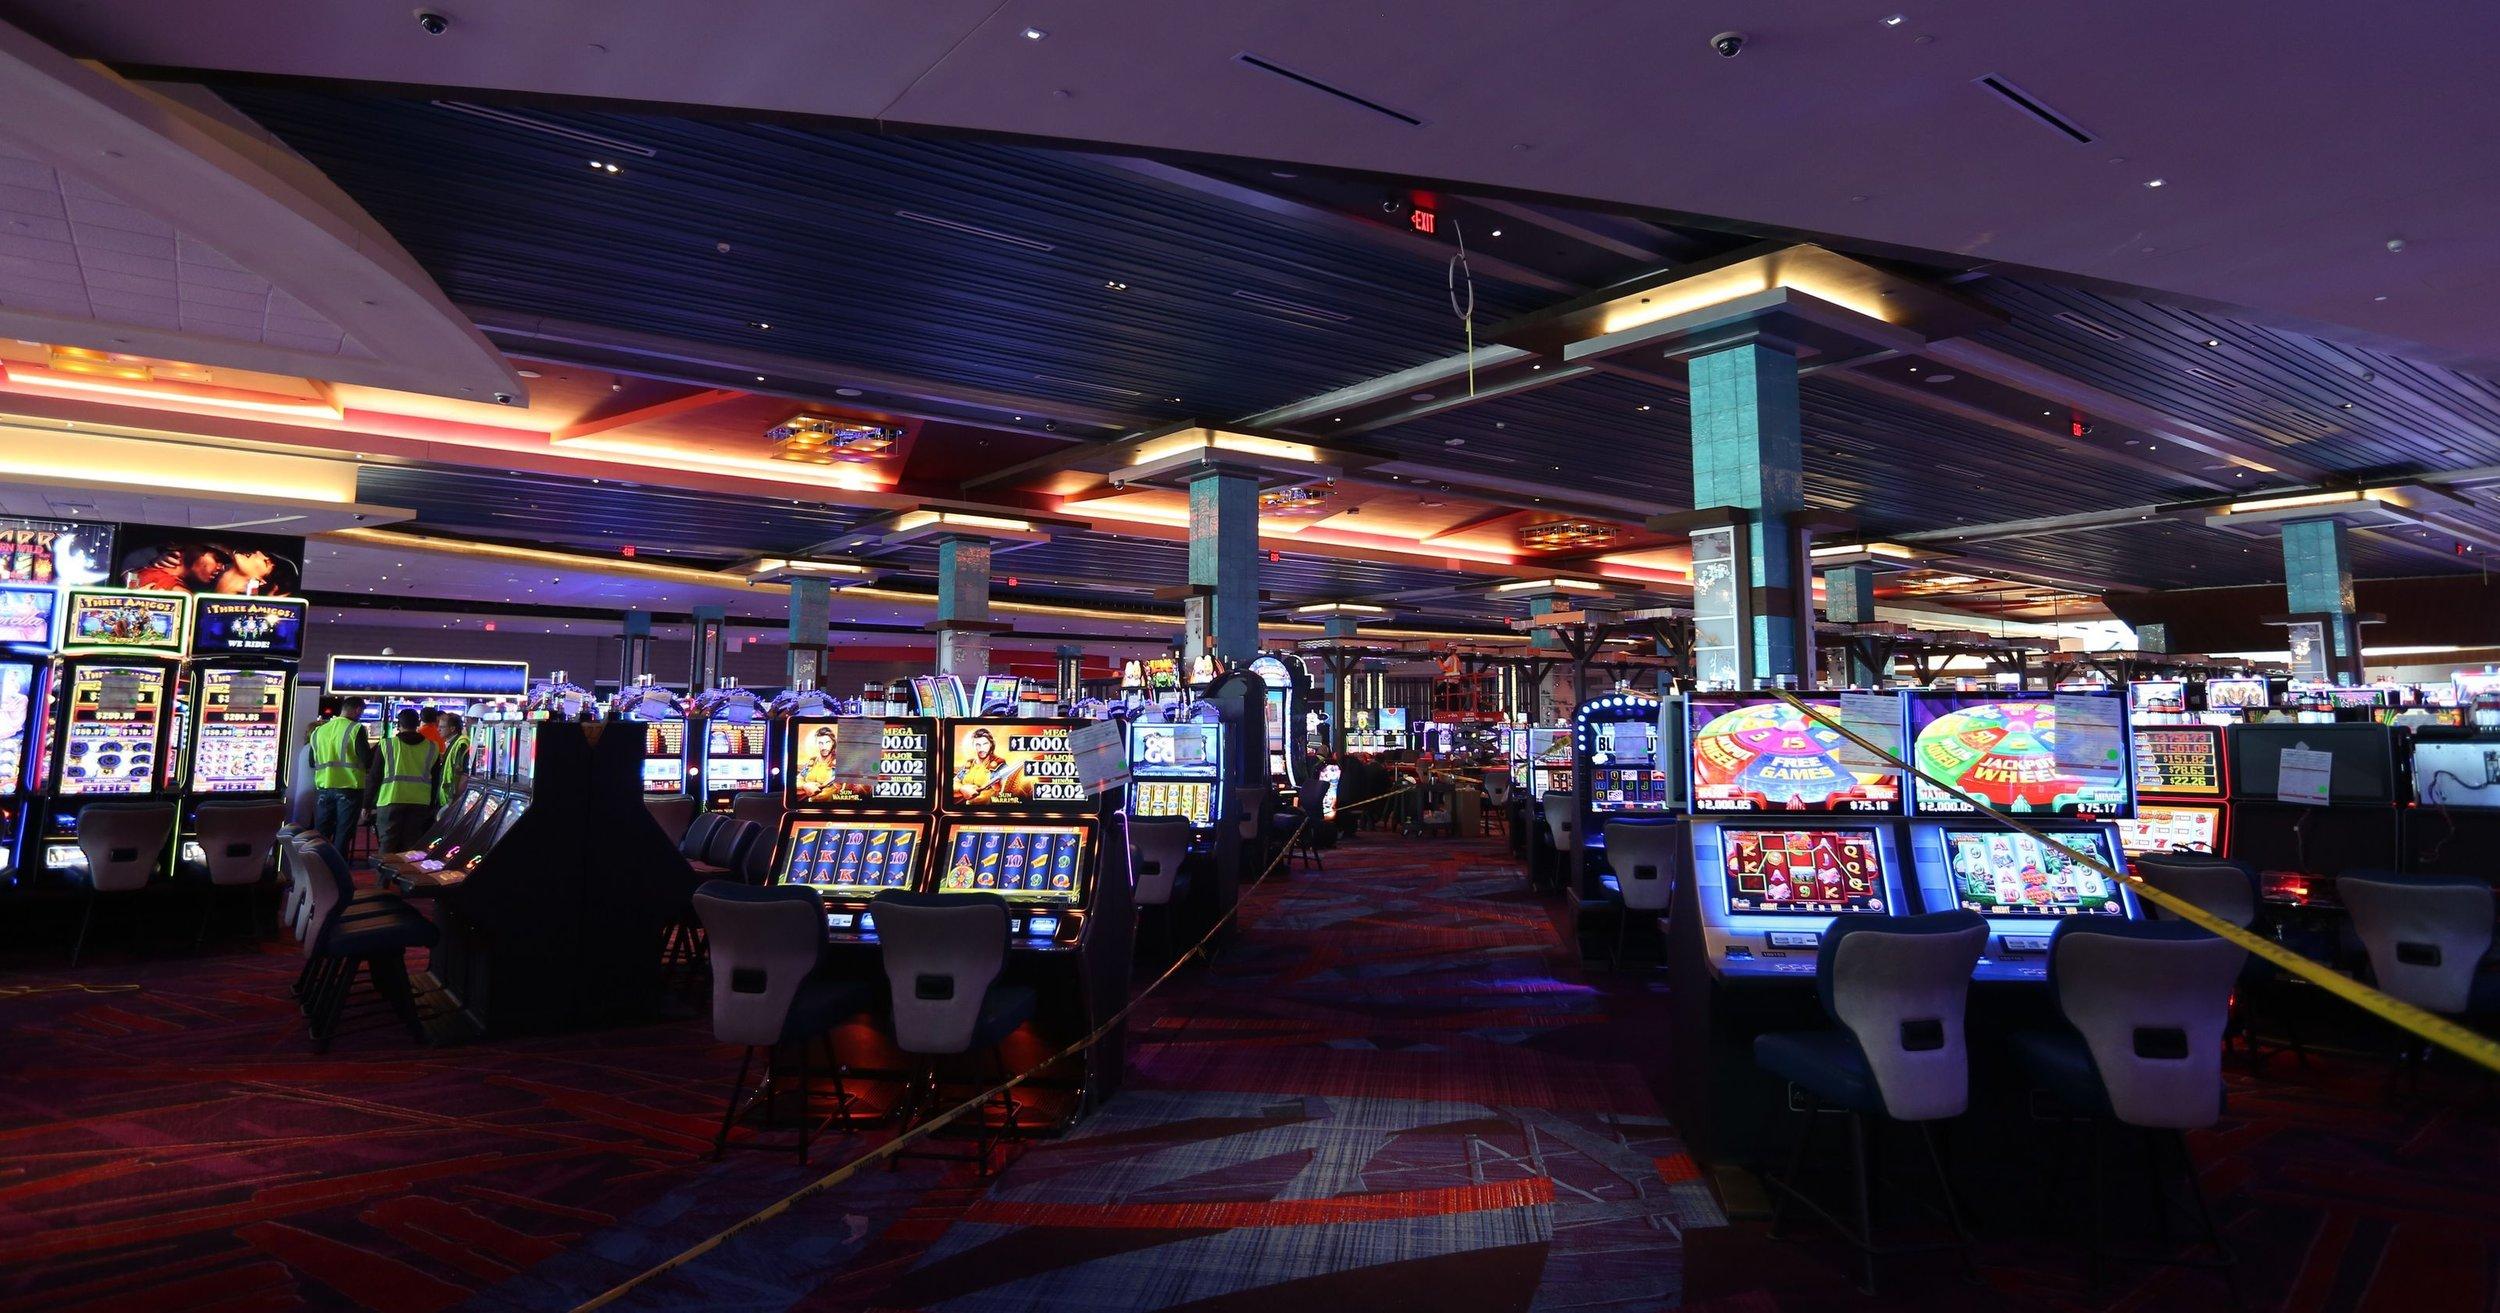 636528238864871379-pc012518-casino-world-5.jpg